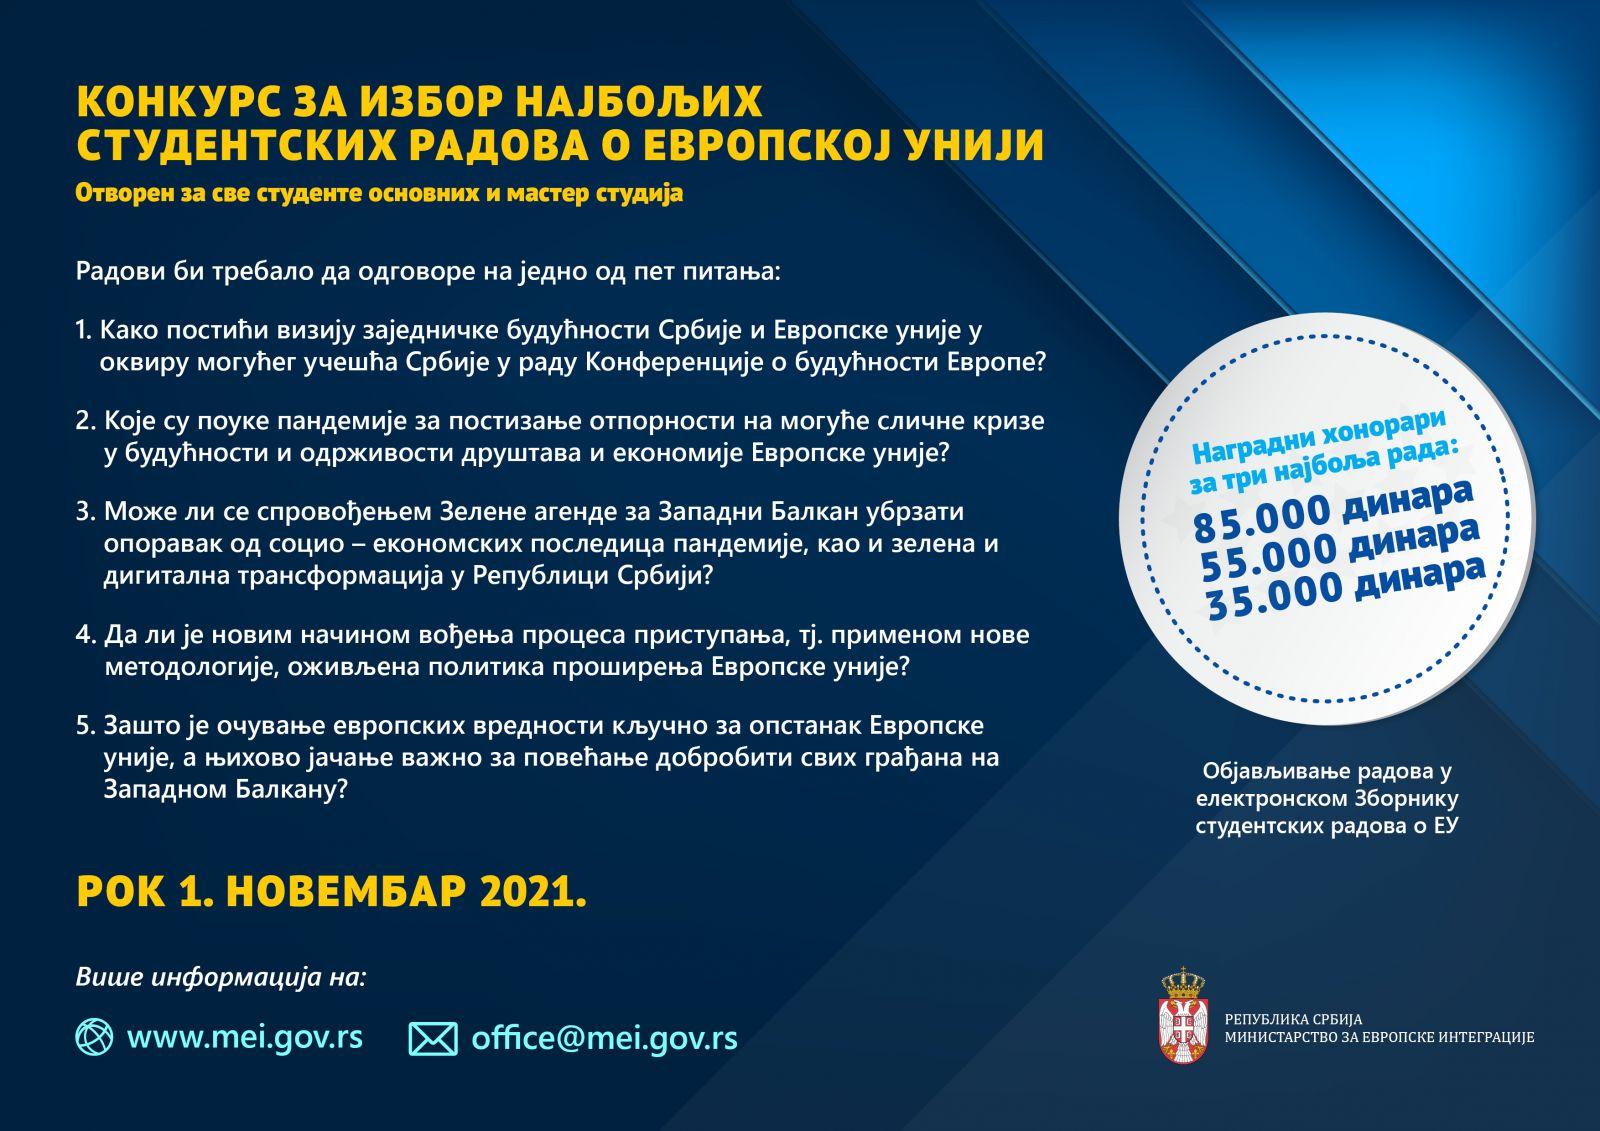 Produžen rok konkursa za izbor najboljih studentskih radova o EU